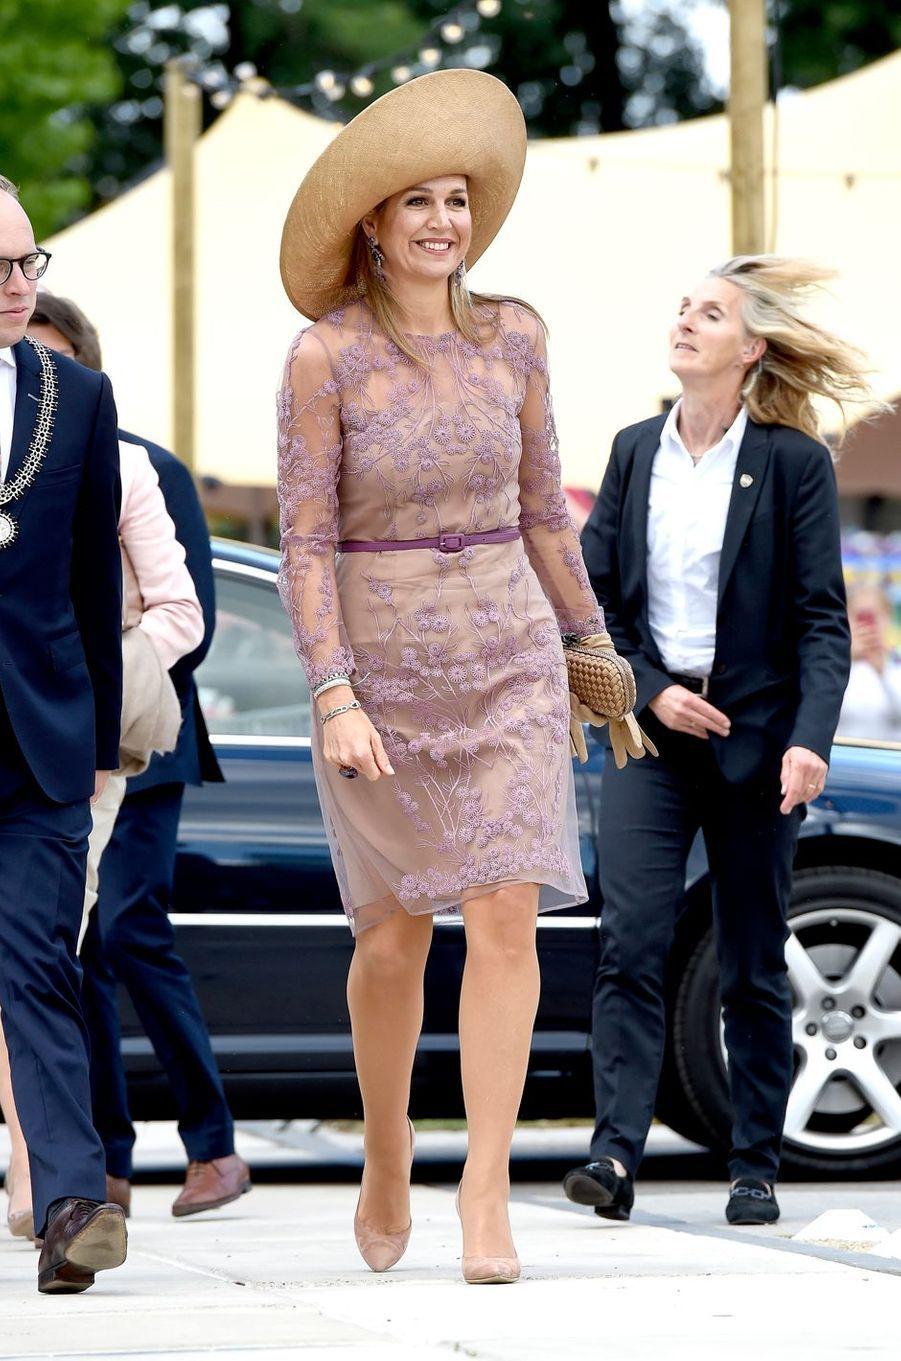 La reine Maxima des Pays-Bas, dans une robe Natan, à Enschede le 21 juin 2018